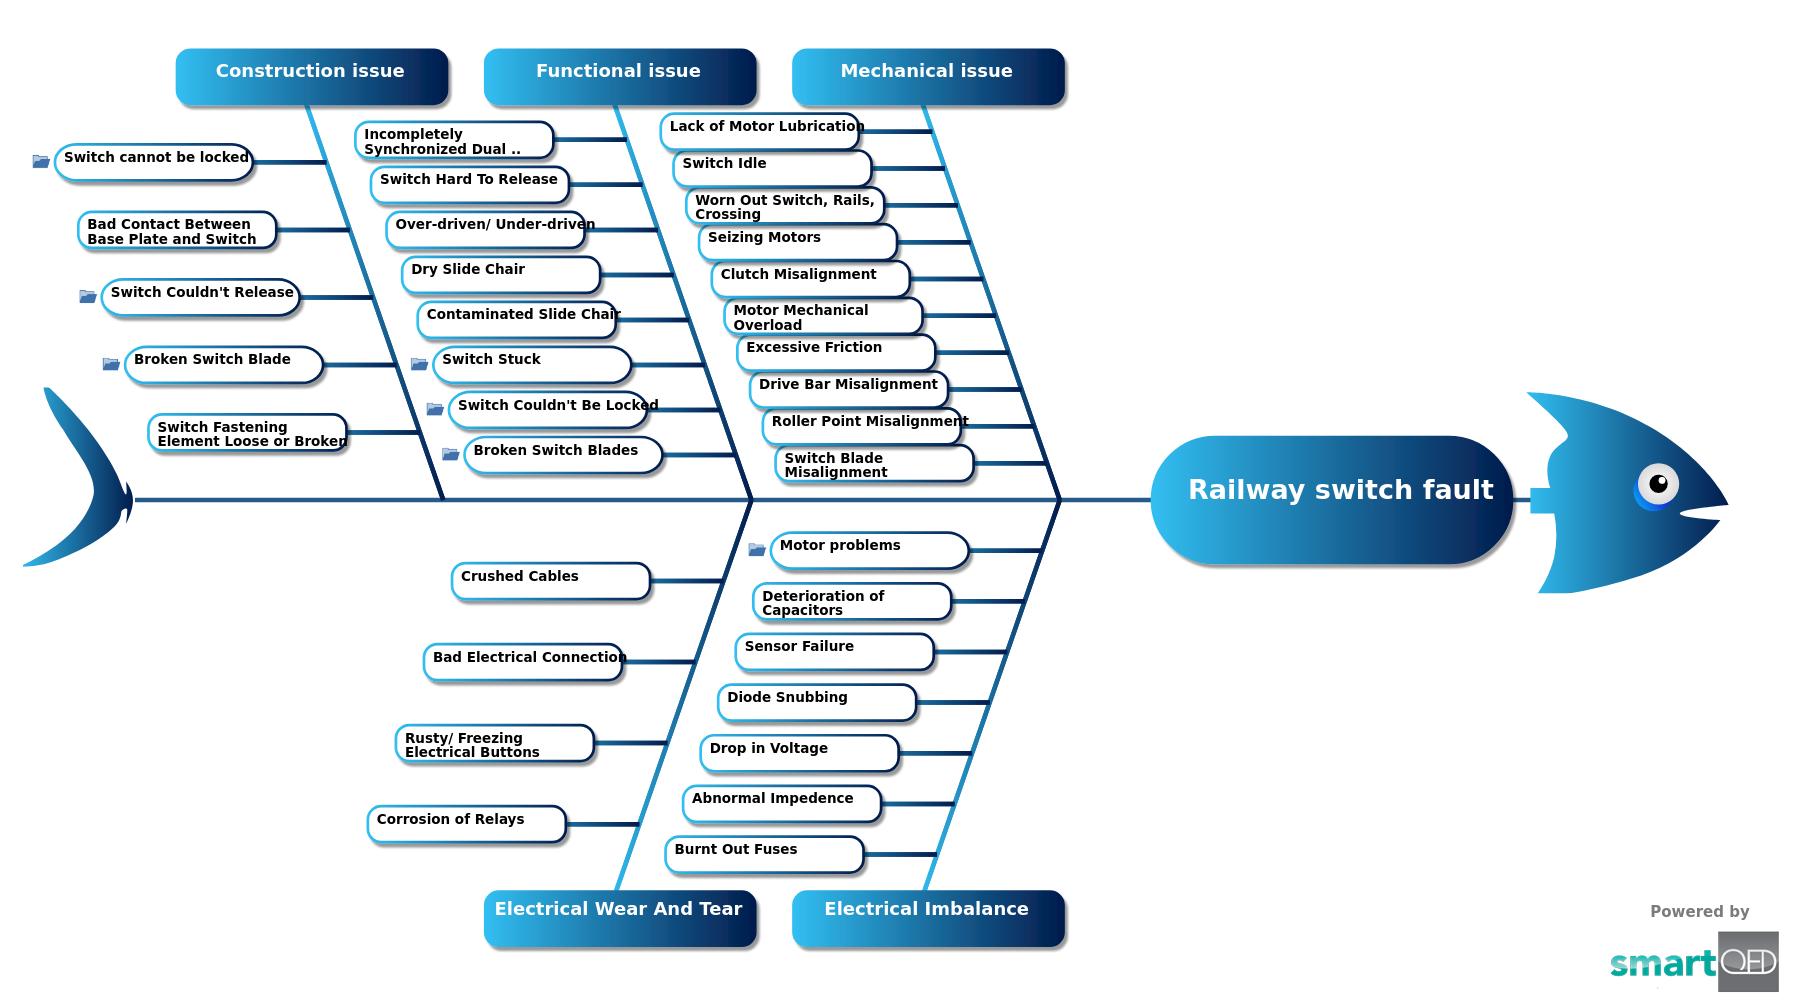 Railway switch fault